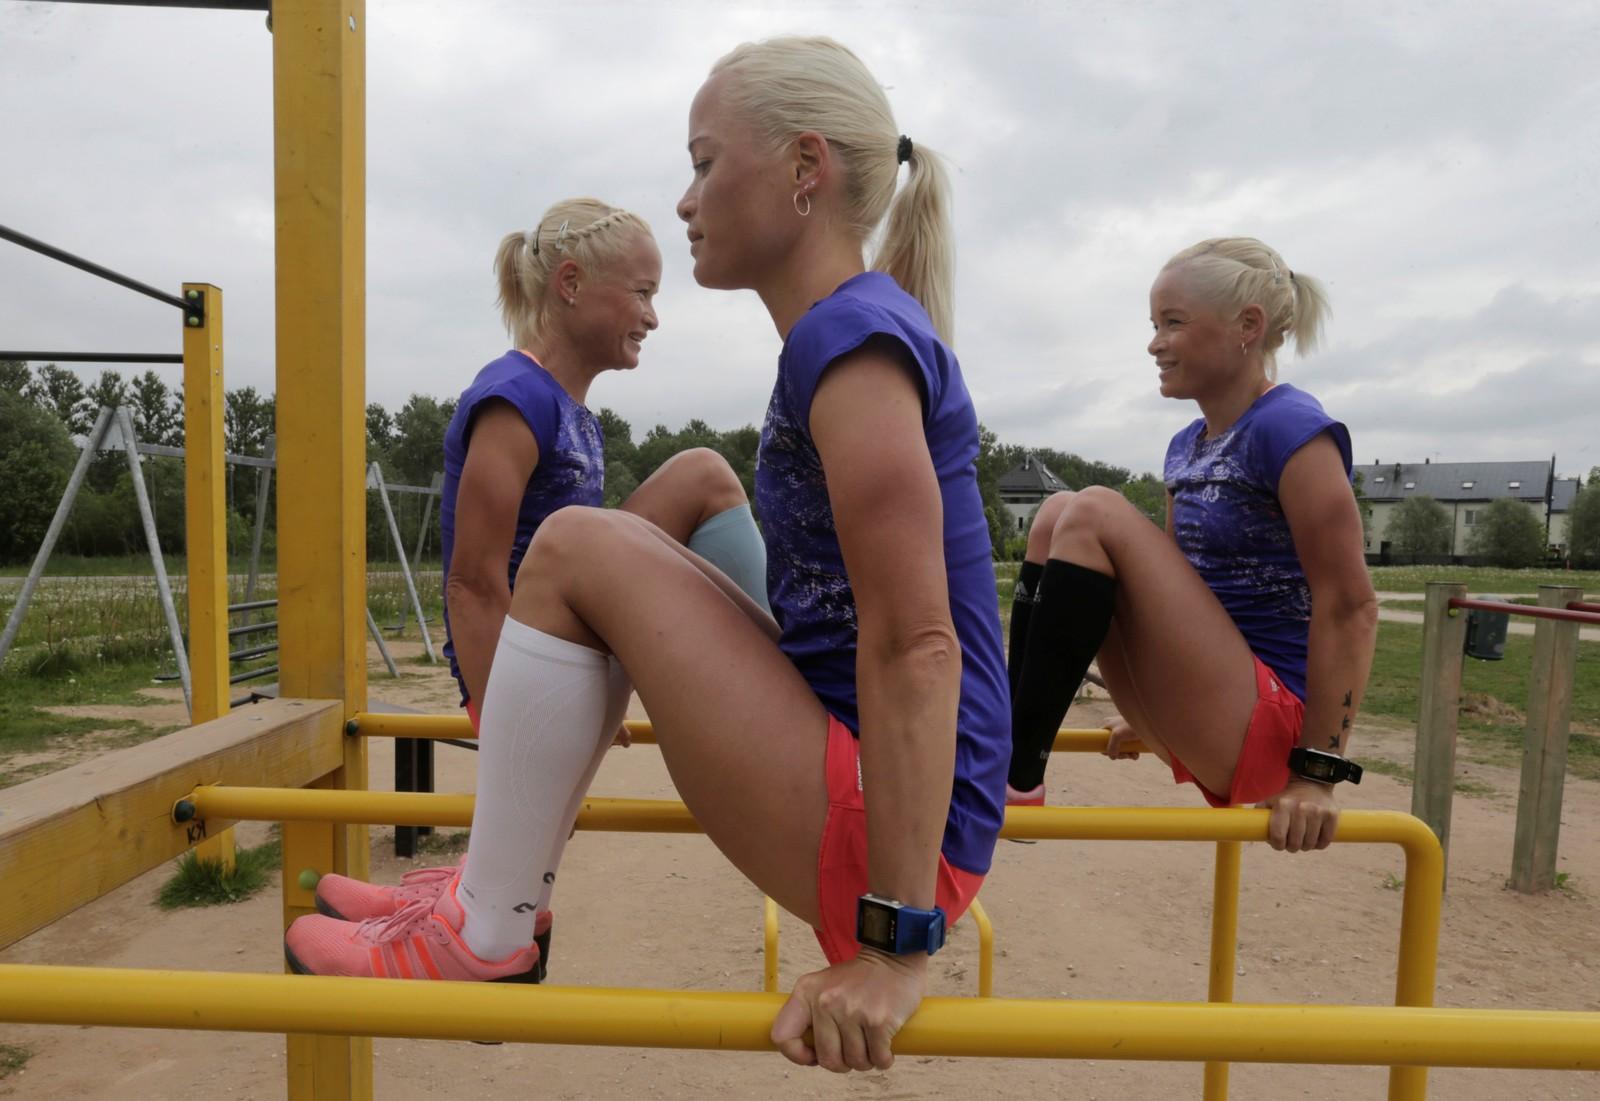 Om Estland håper på trippel pallplass, vites ikke, men trillingene Lily, Leila og Liina Luik er i hvert fall klare for å delta i maraton under OL i Rio.